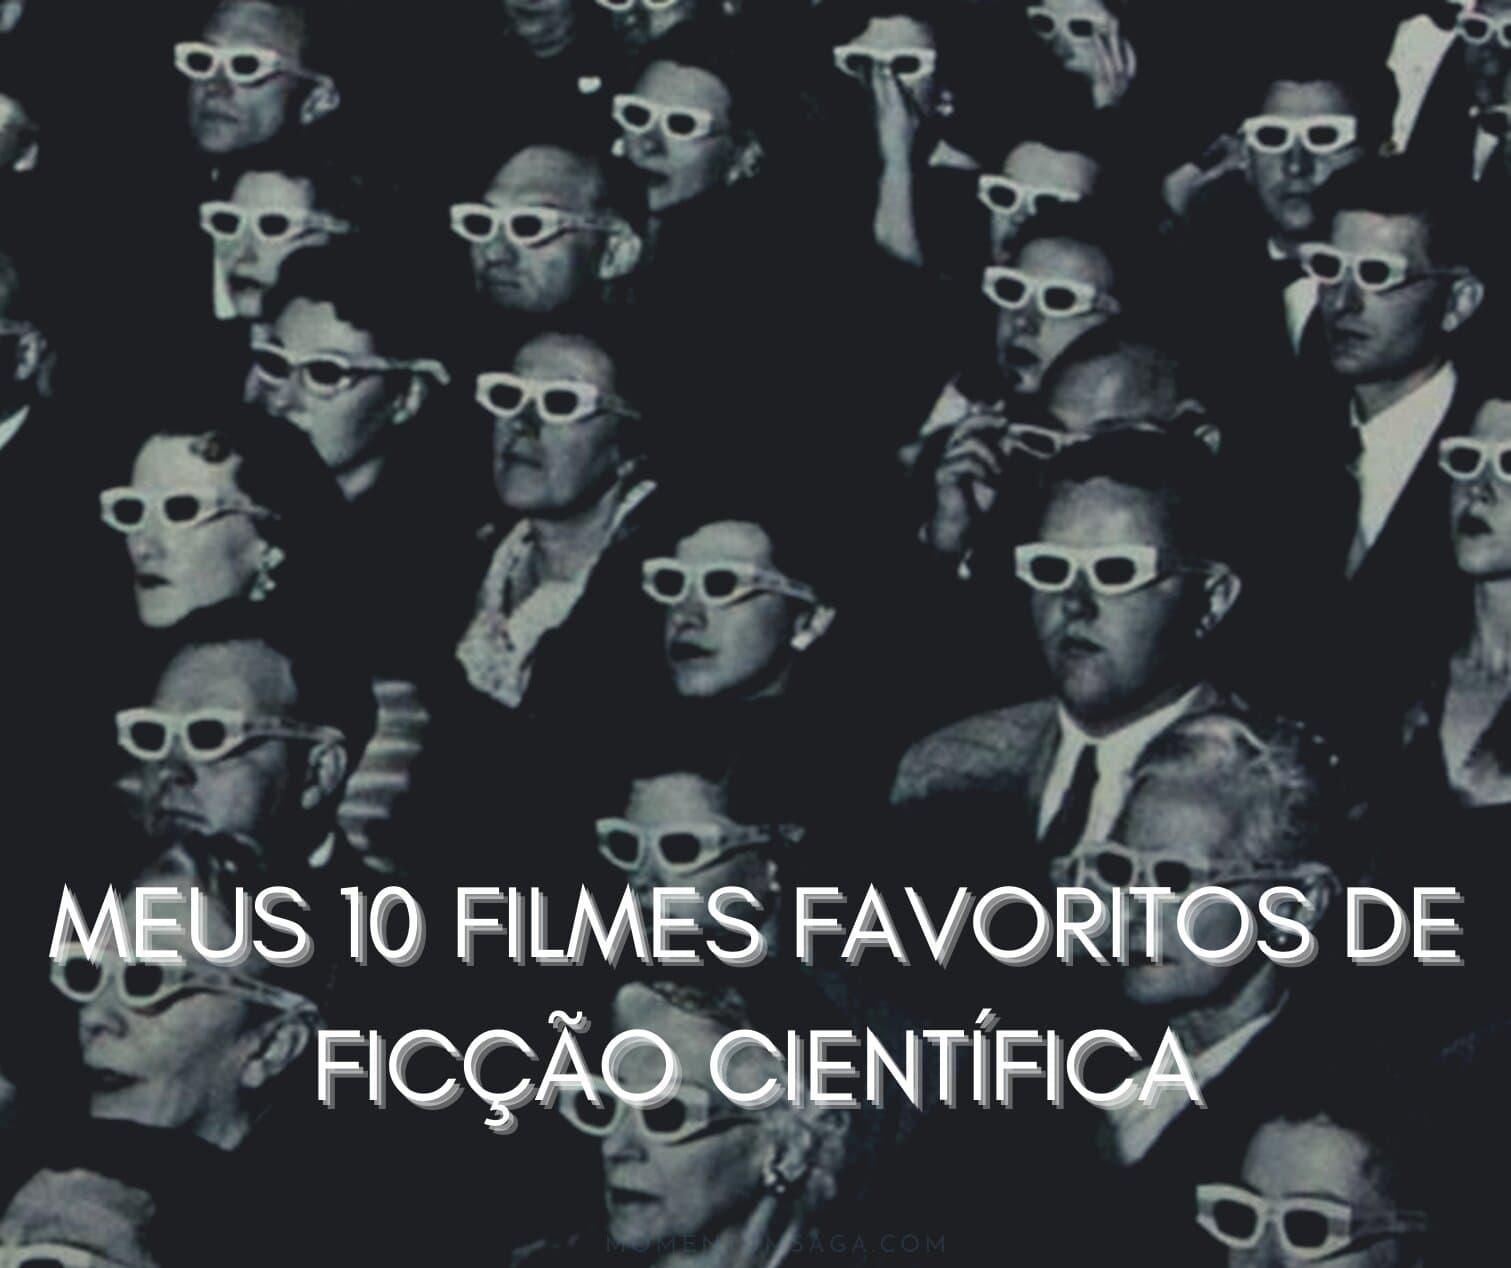 Meus 10 filmes preferidos de ficção científica